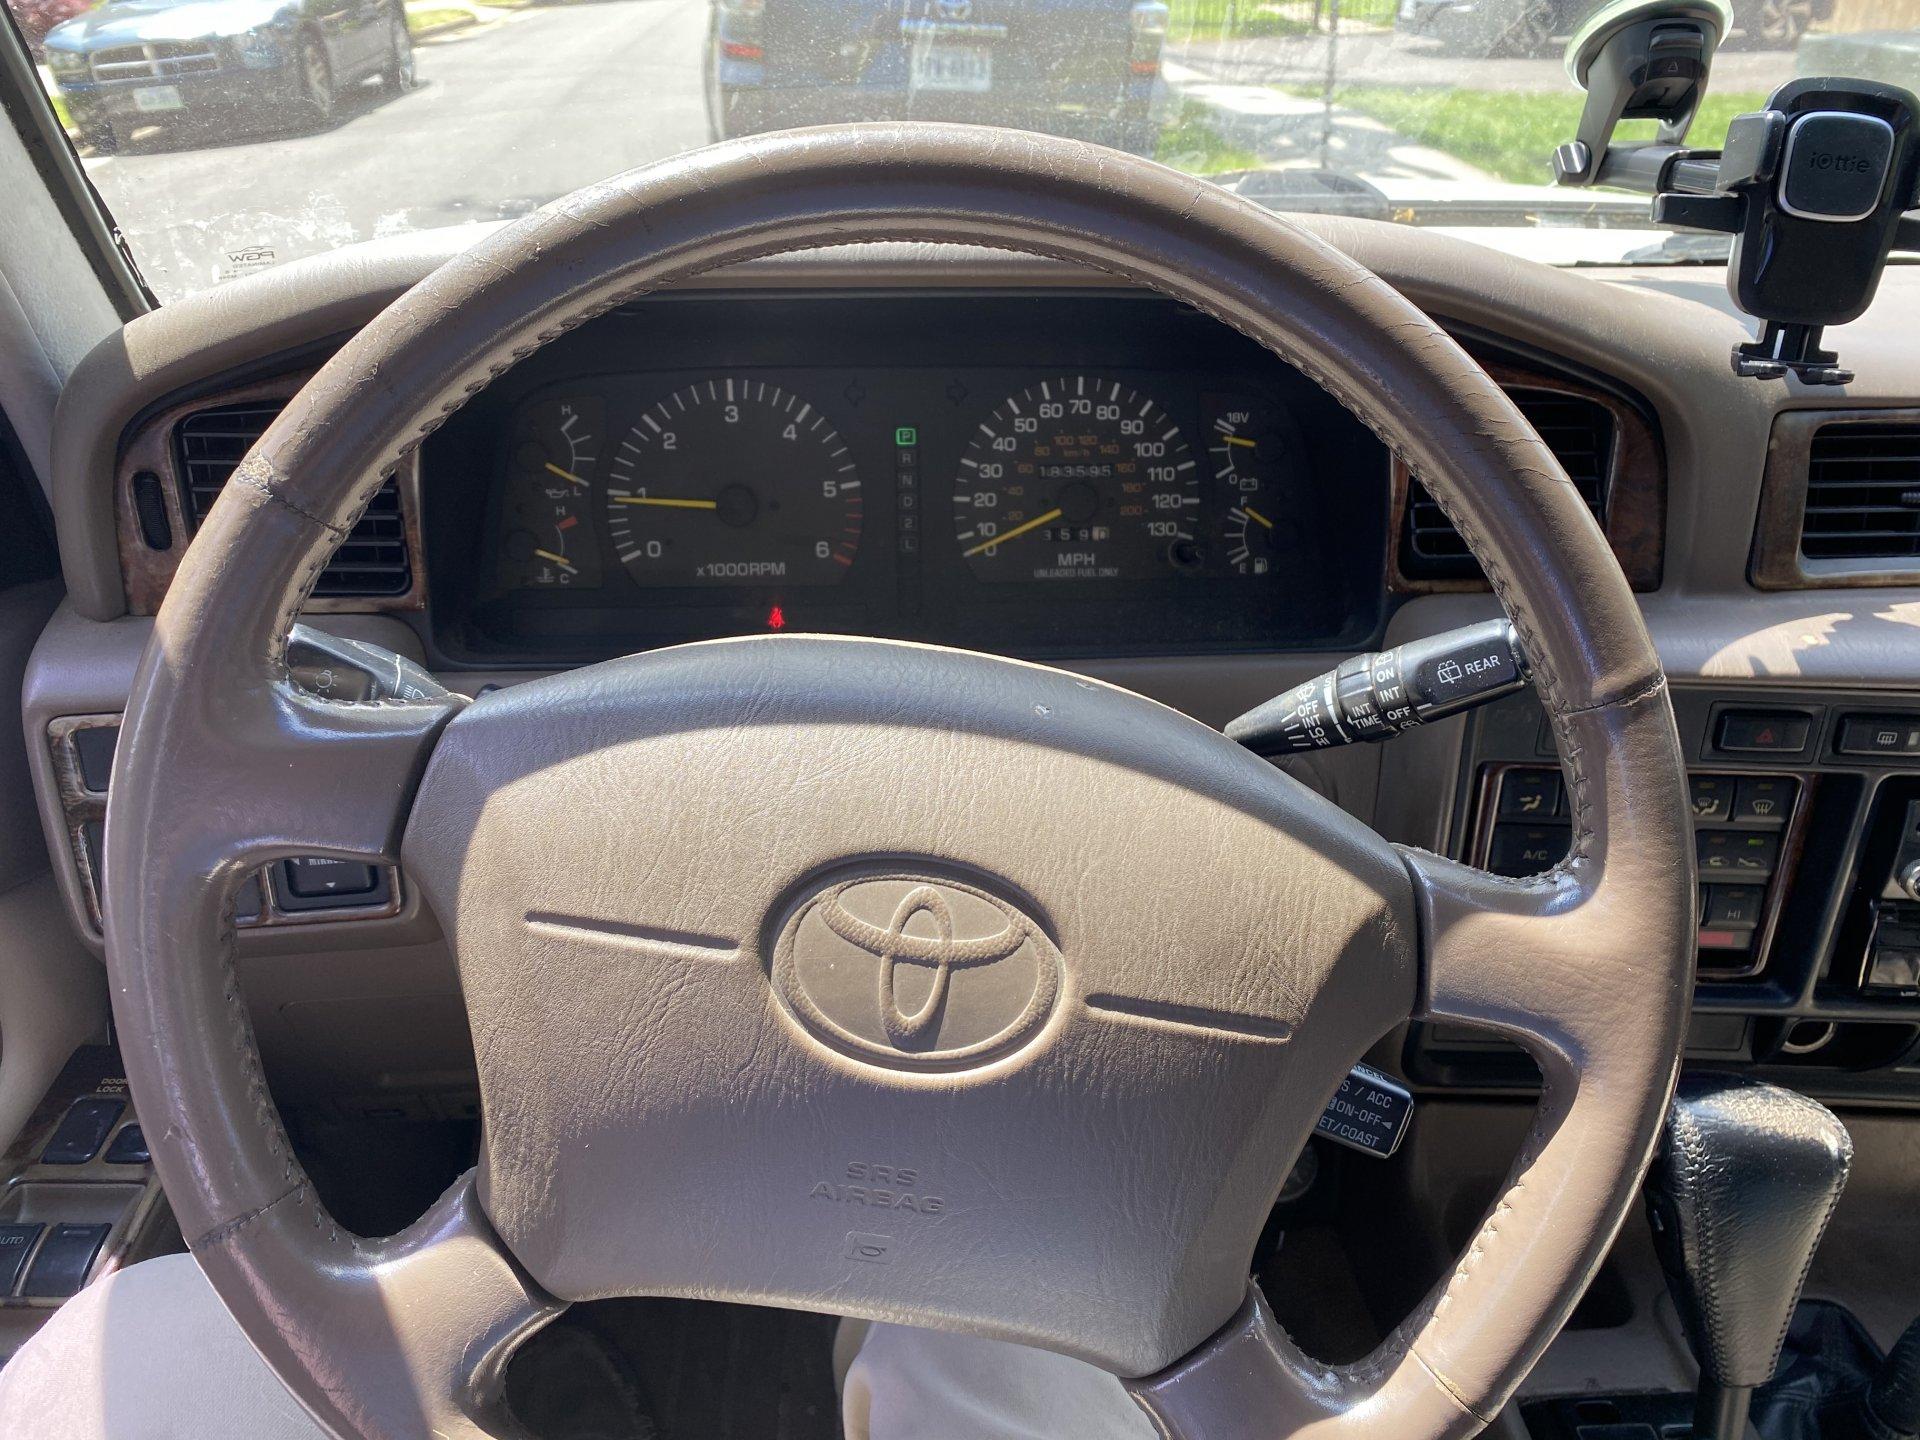 Int - Steering Wheel.jpg